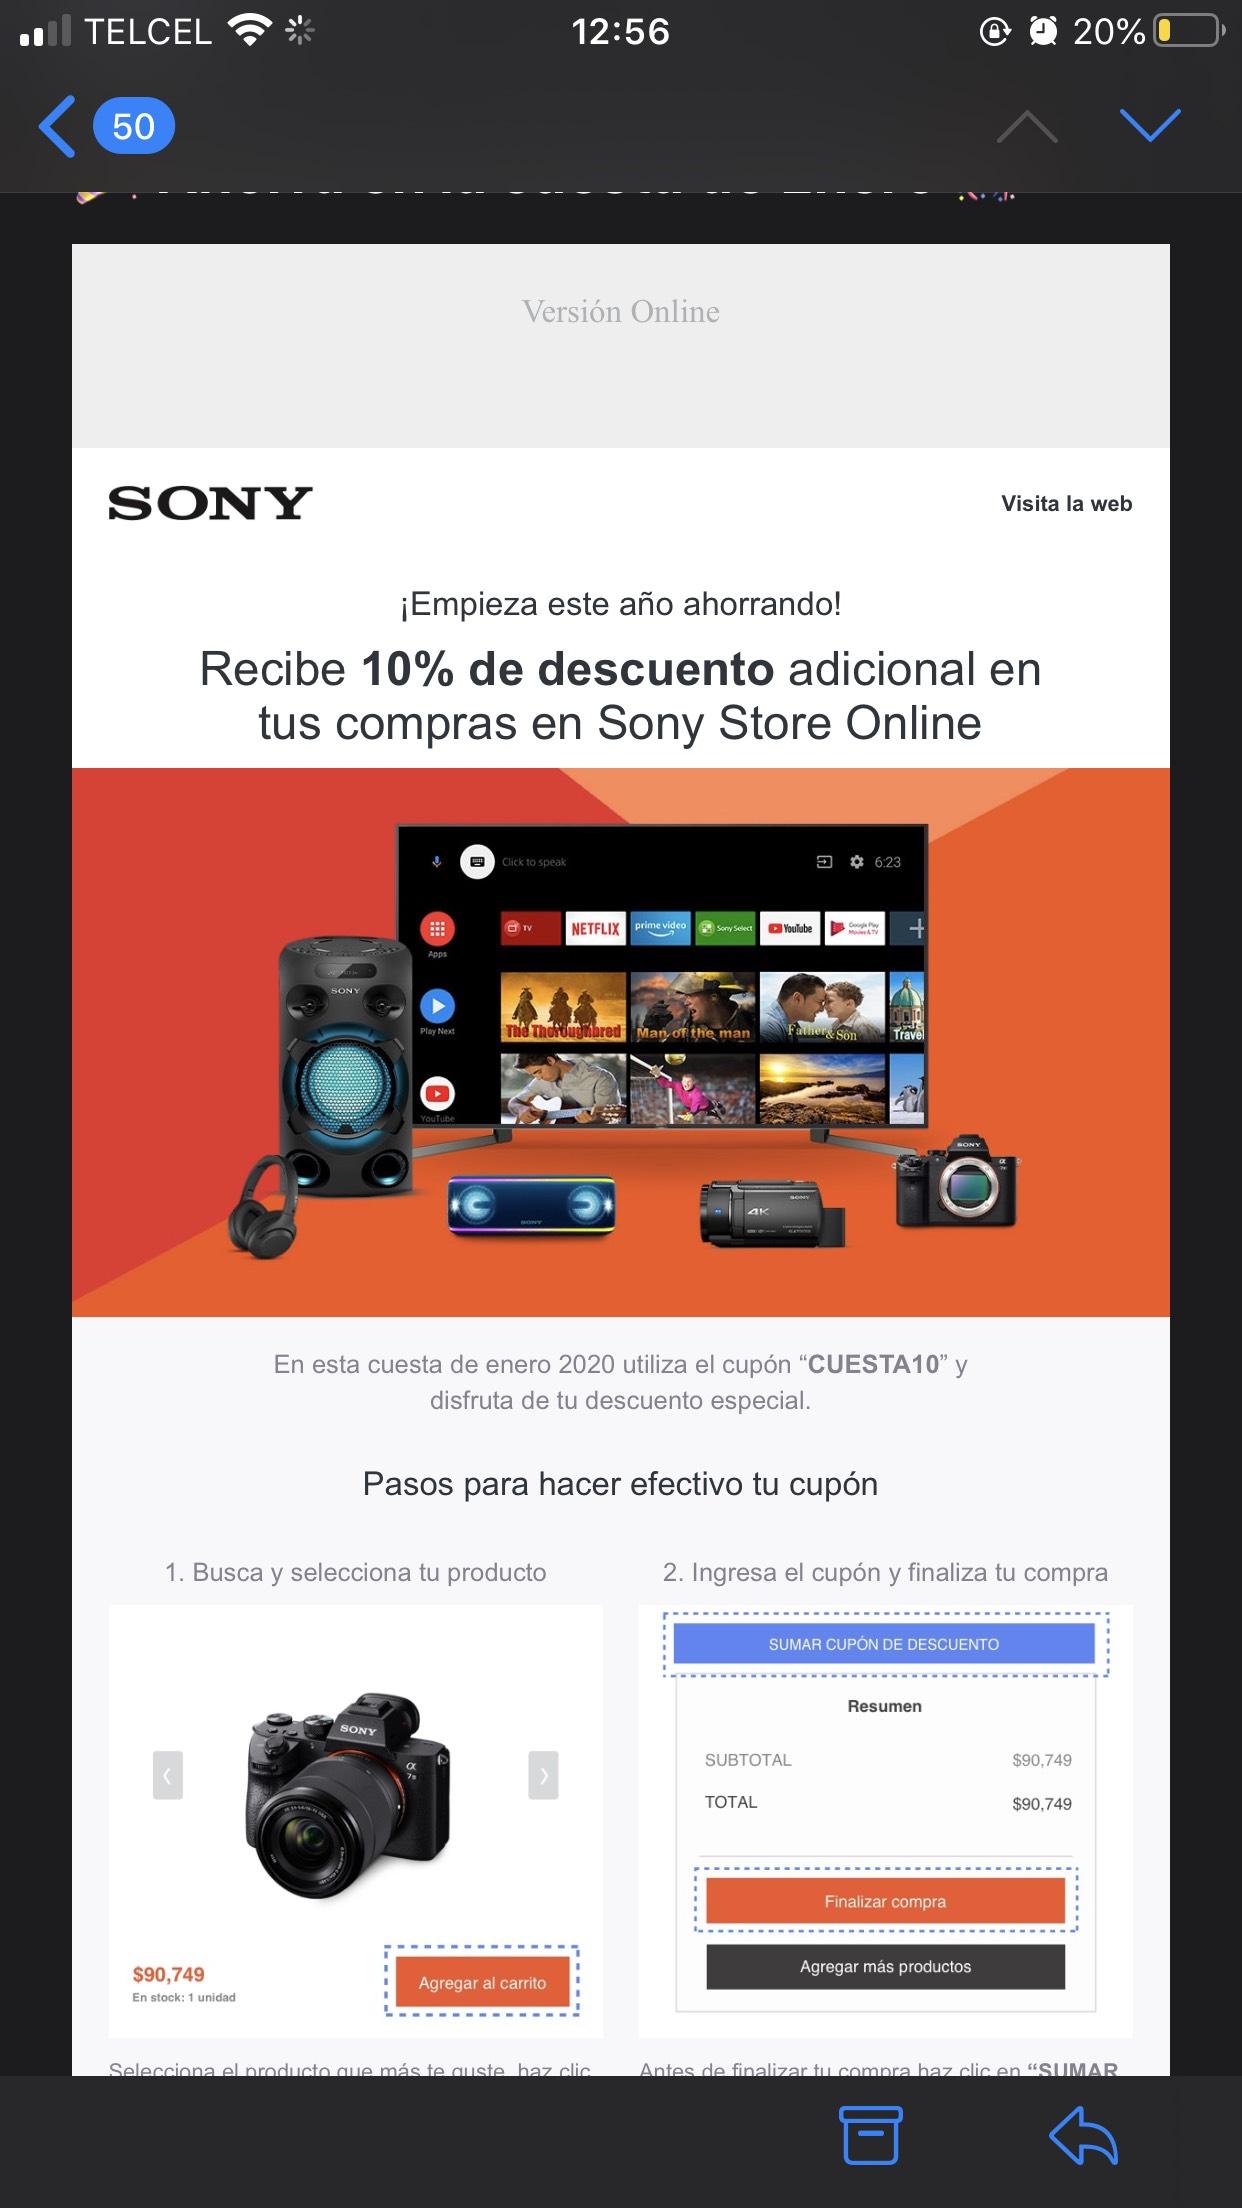 Sony Store: 10% de descuento sobre lo ya rebajado